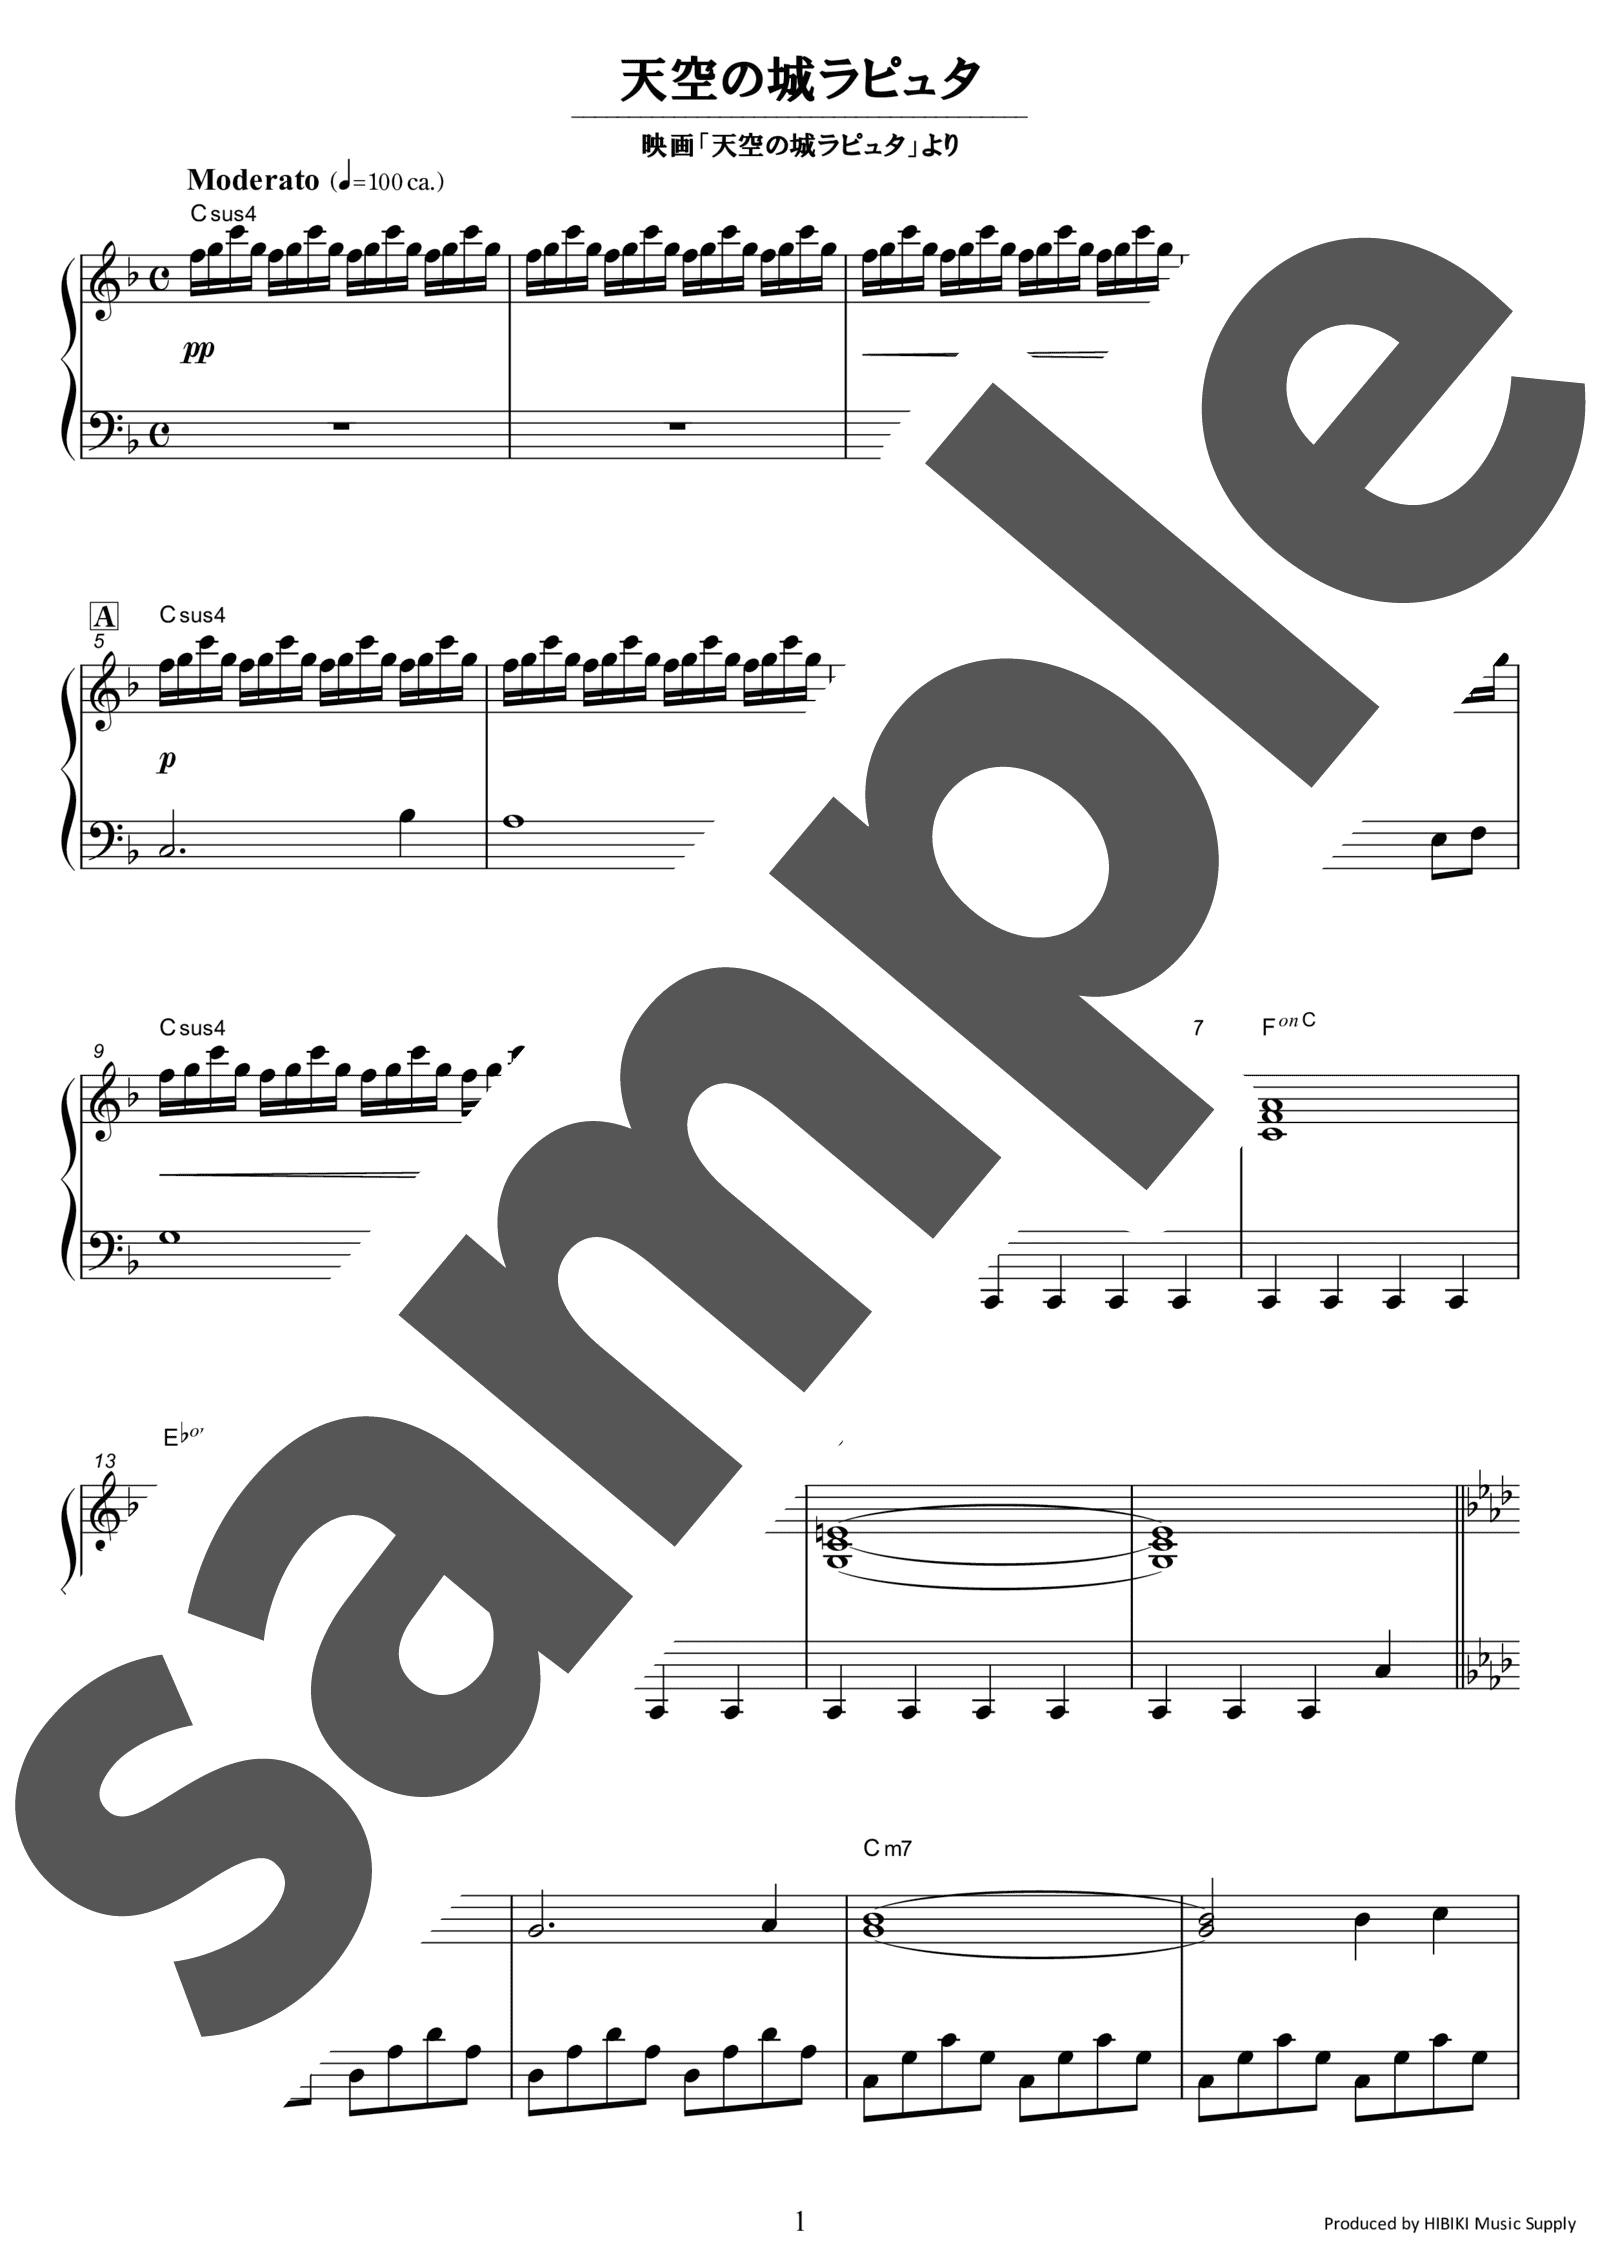 「天空の城ラピュタ」のサンプル楽譜